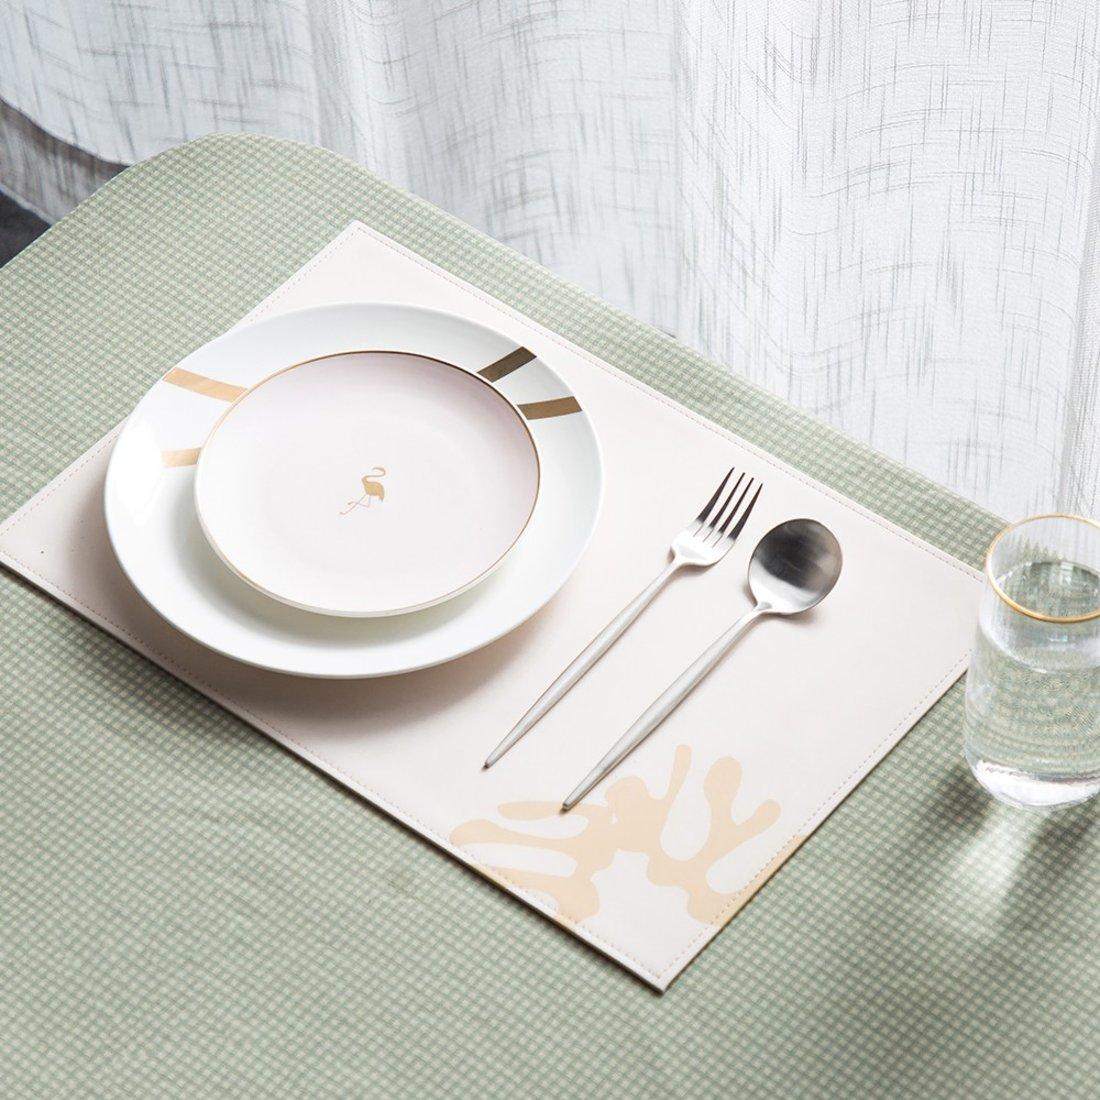 行走的马蒂斯系列 餐垫 皮革材质 餐桌装饰餐垫